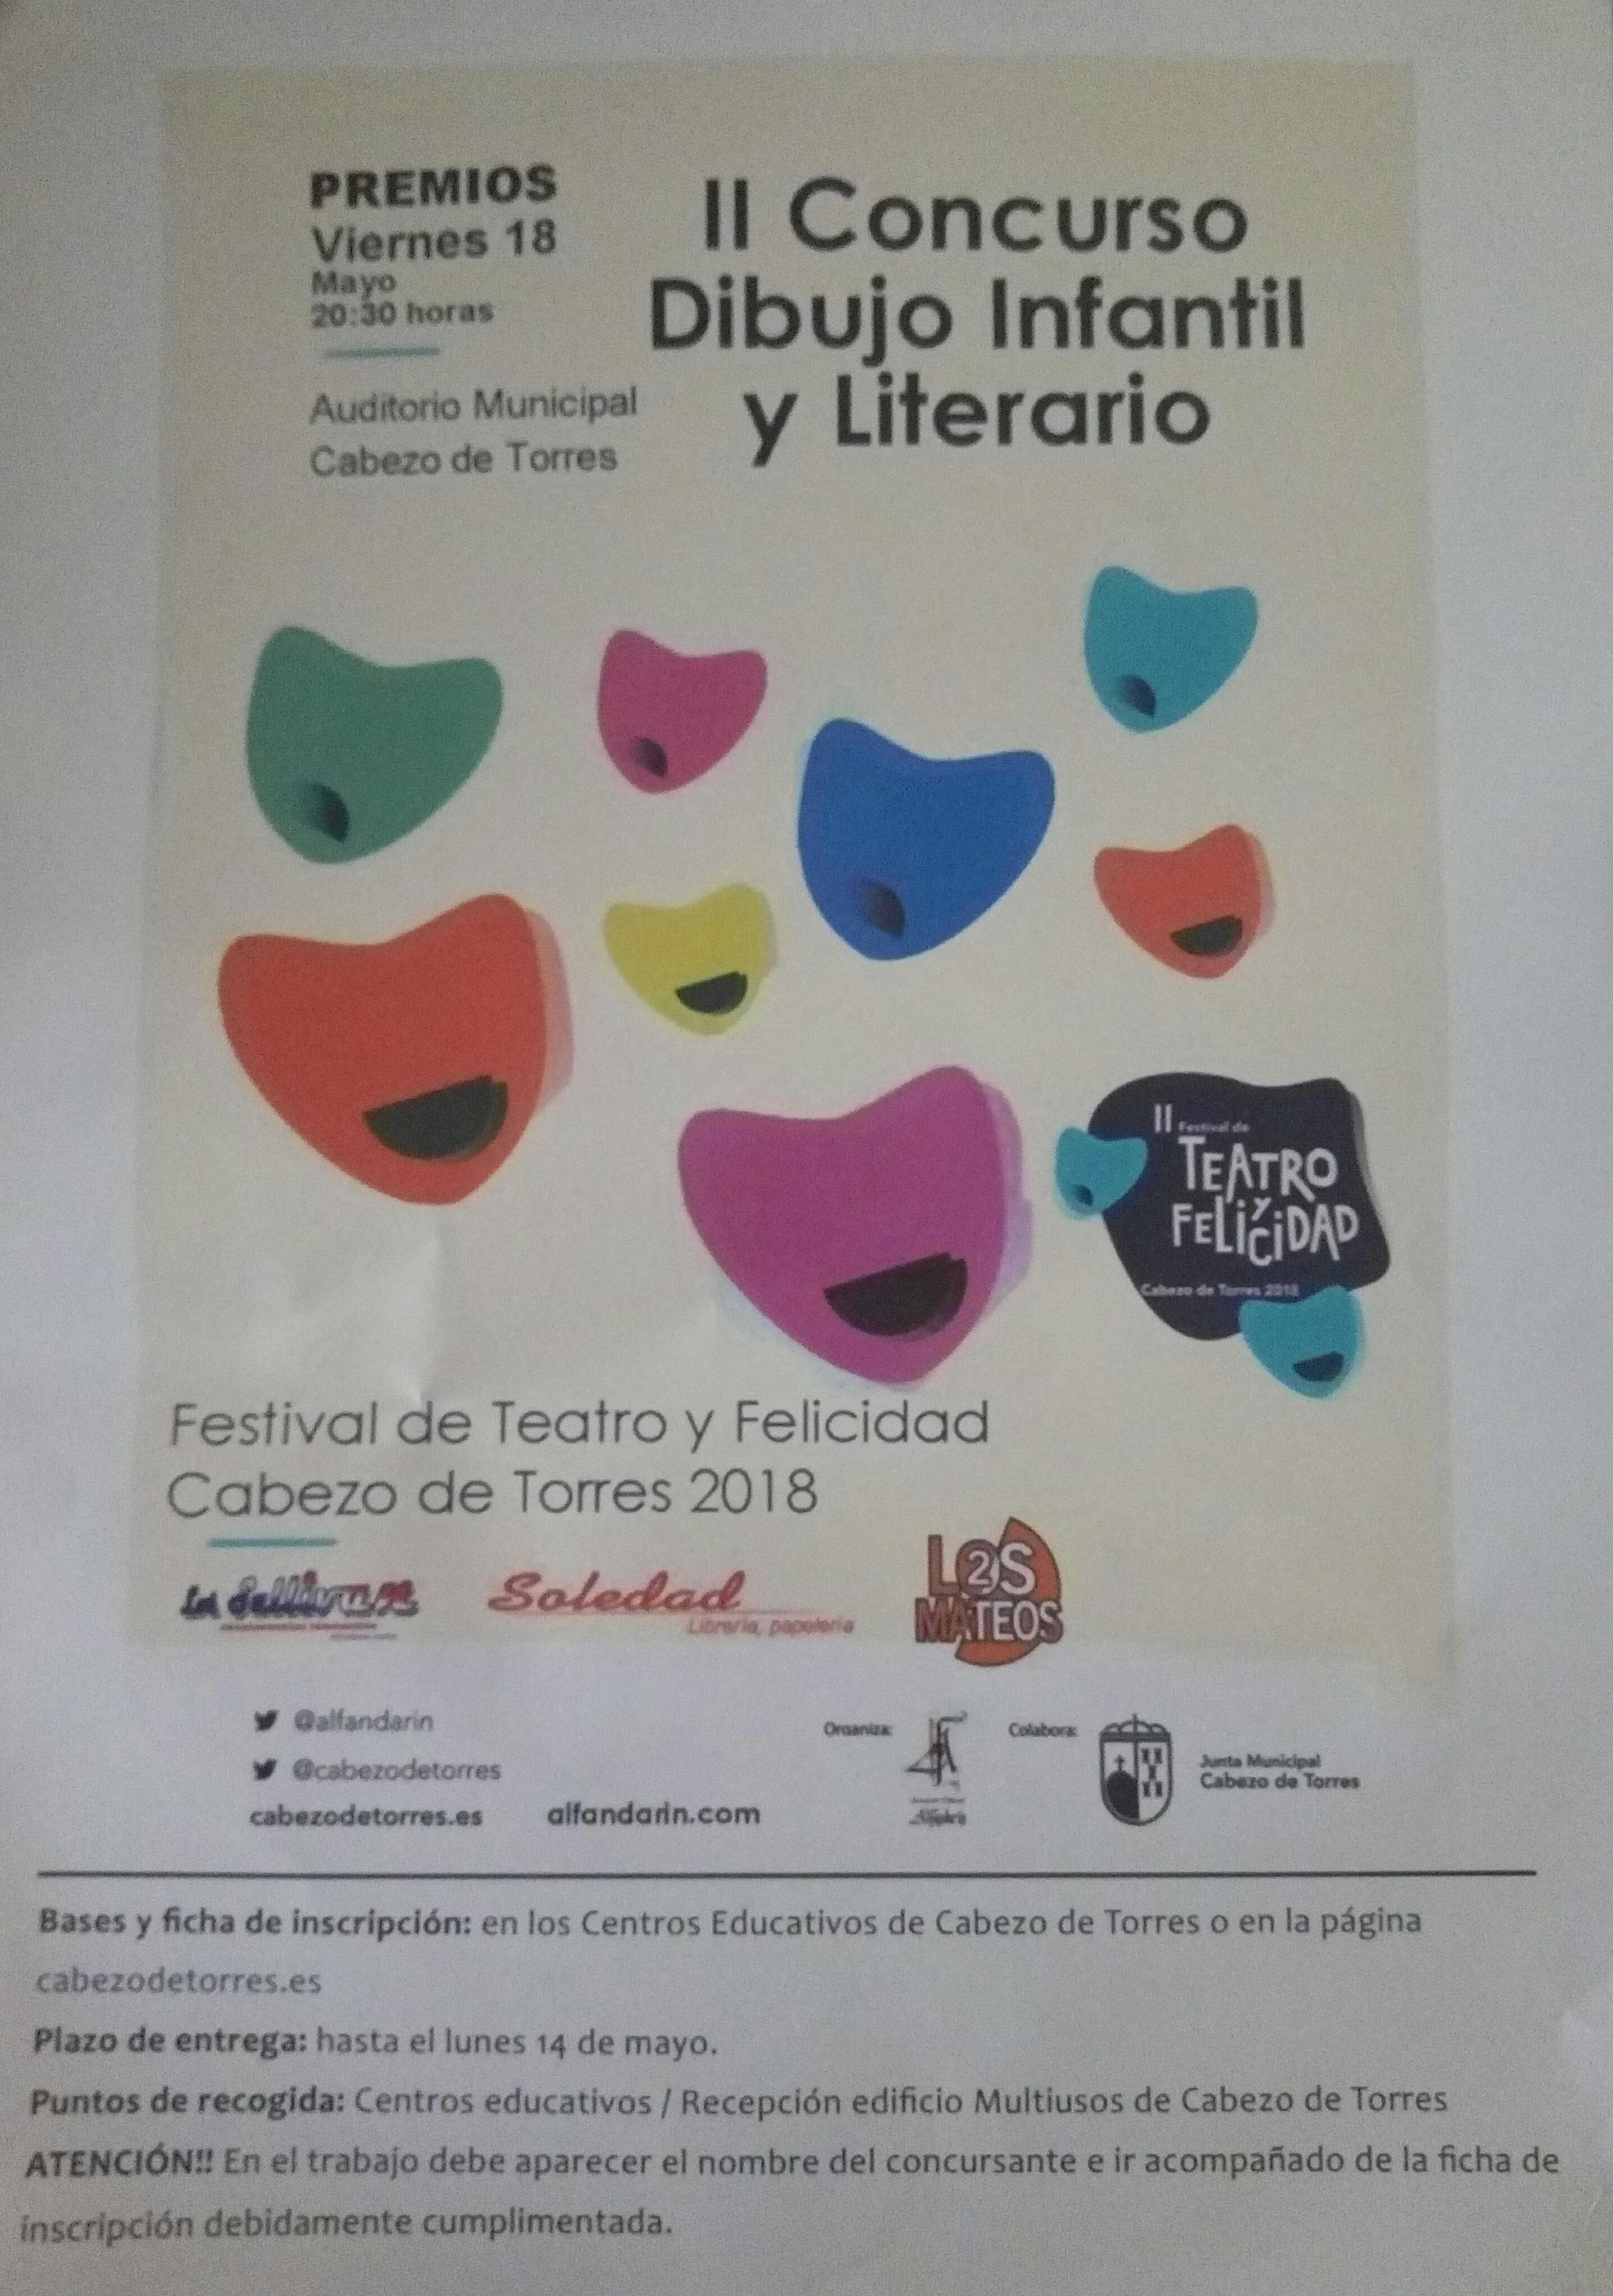 II Festival de Teatro y Felicidad